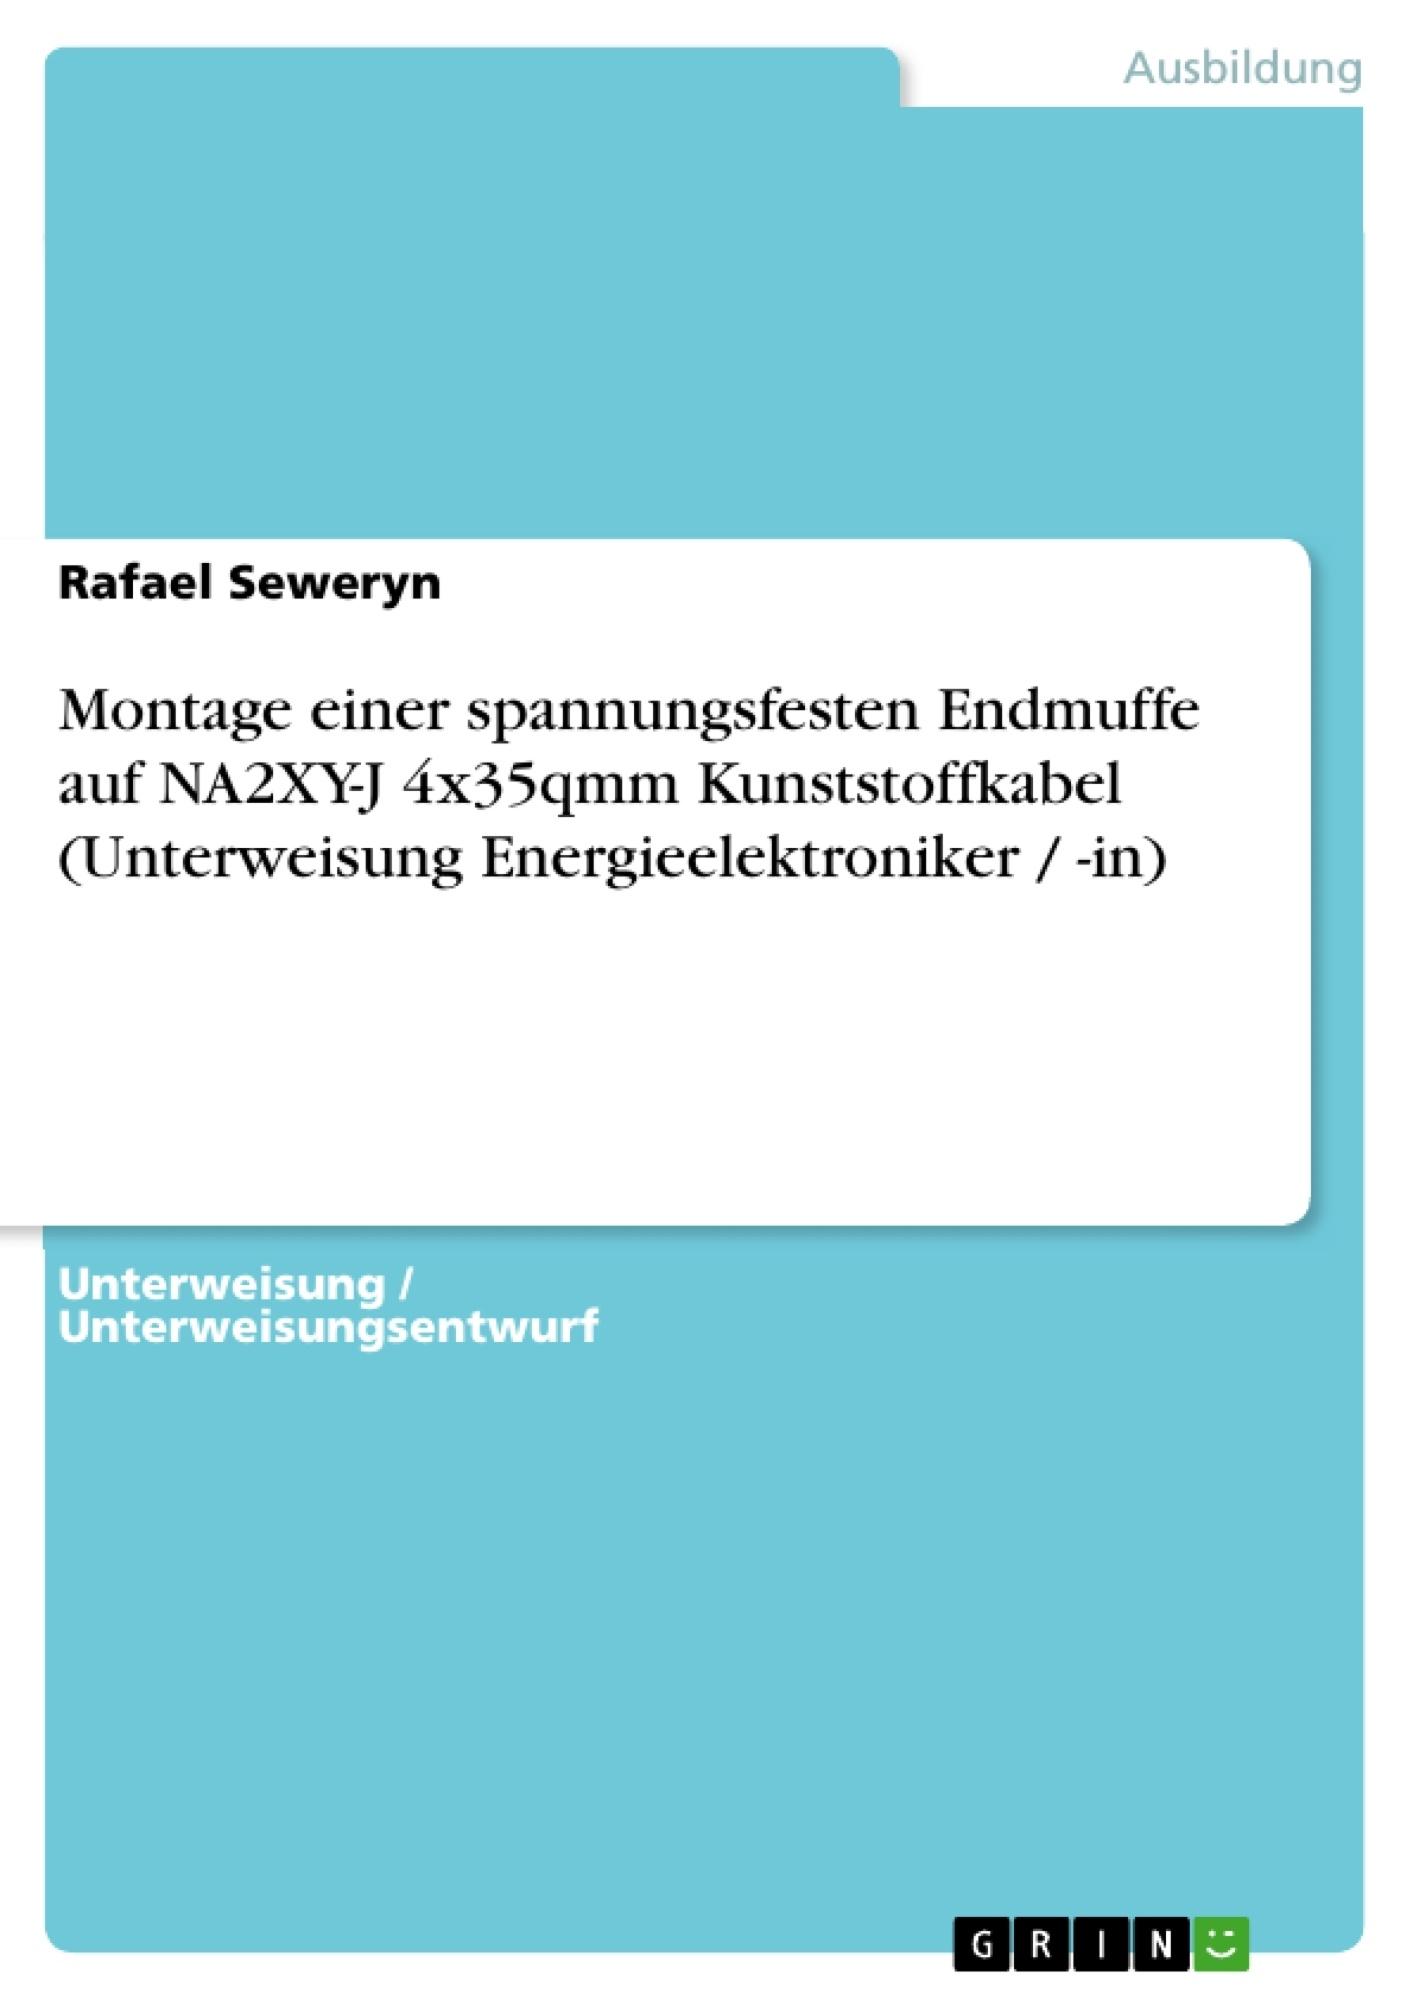 Titel: Montage einer spannungsfesten Endmuffe auf NA2XY-J 4x35qmm Kunststoffkabel  (Unterweisung Energieelektroniker / -in)